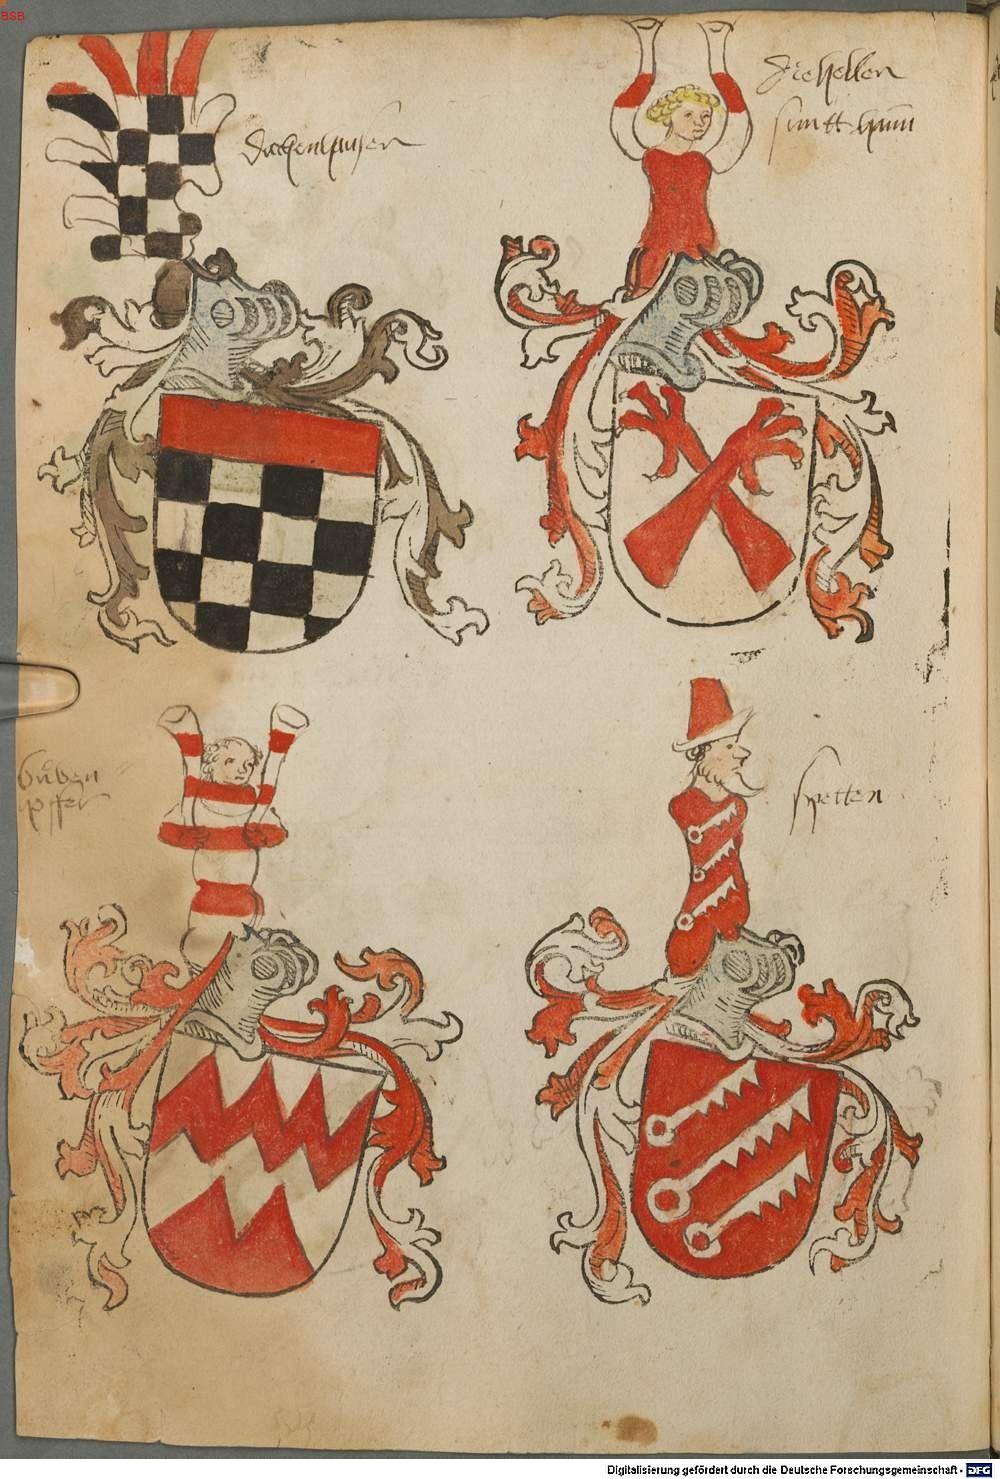 Tirol, Anton: Wappenbuch Süddeutschland, Ende 15. Jh. - 1540 Cod.icon. 310  Folio 60v